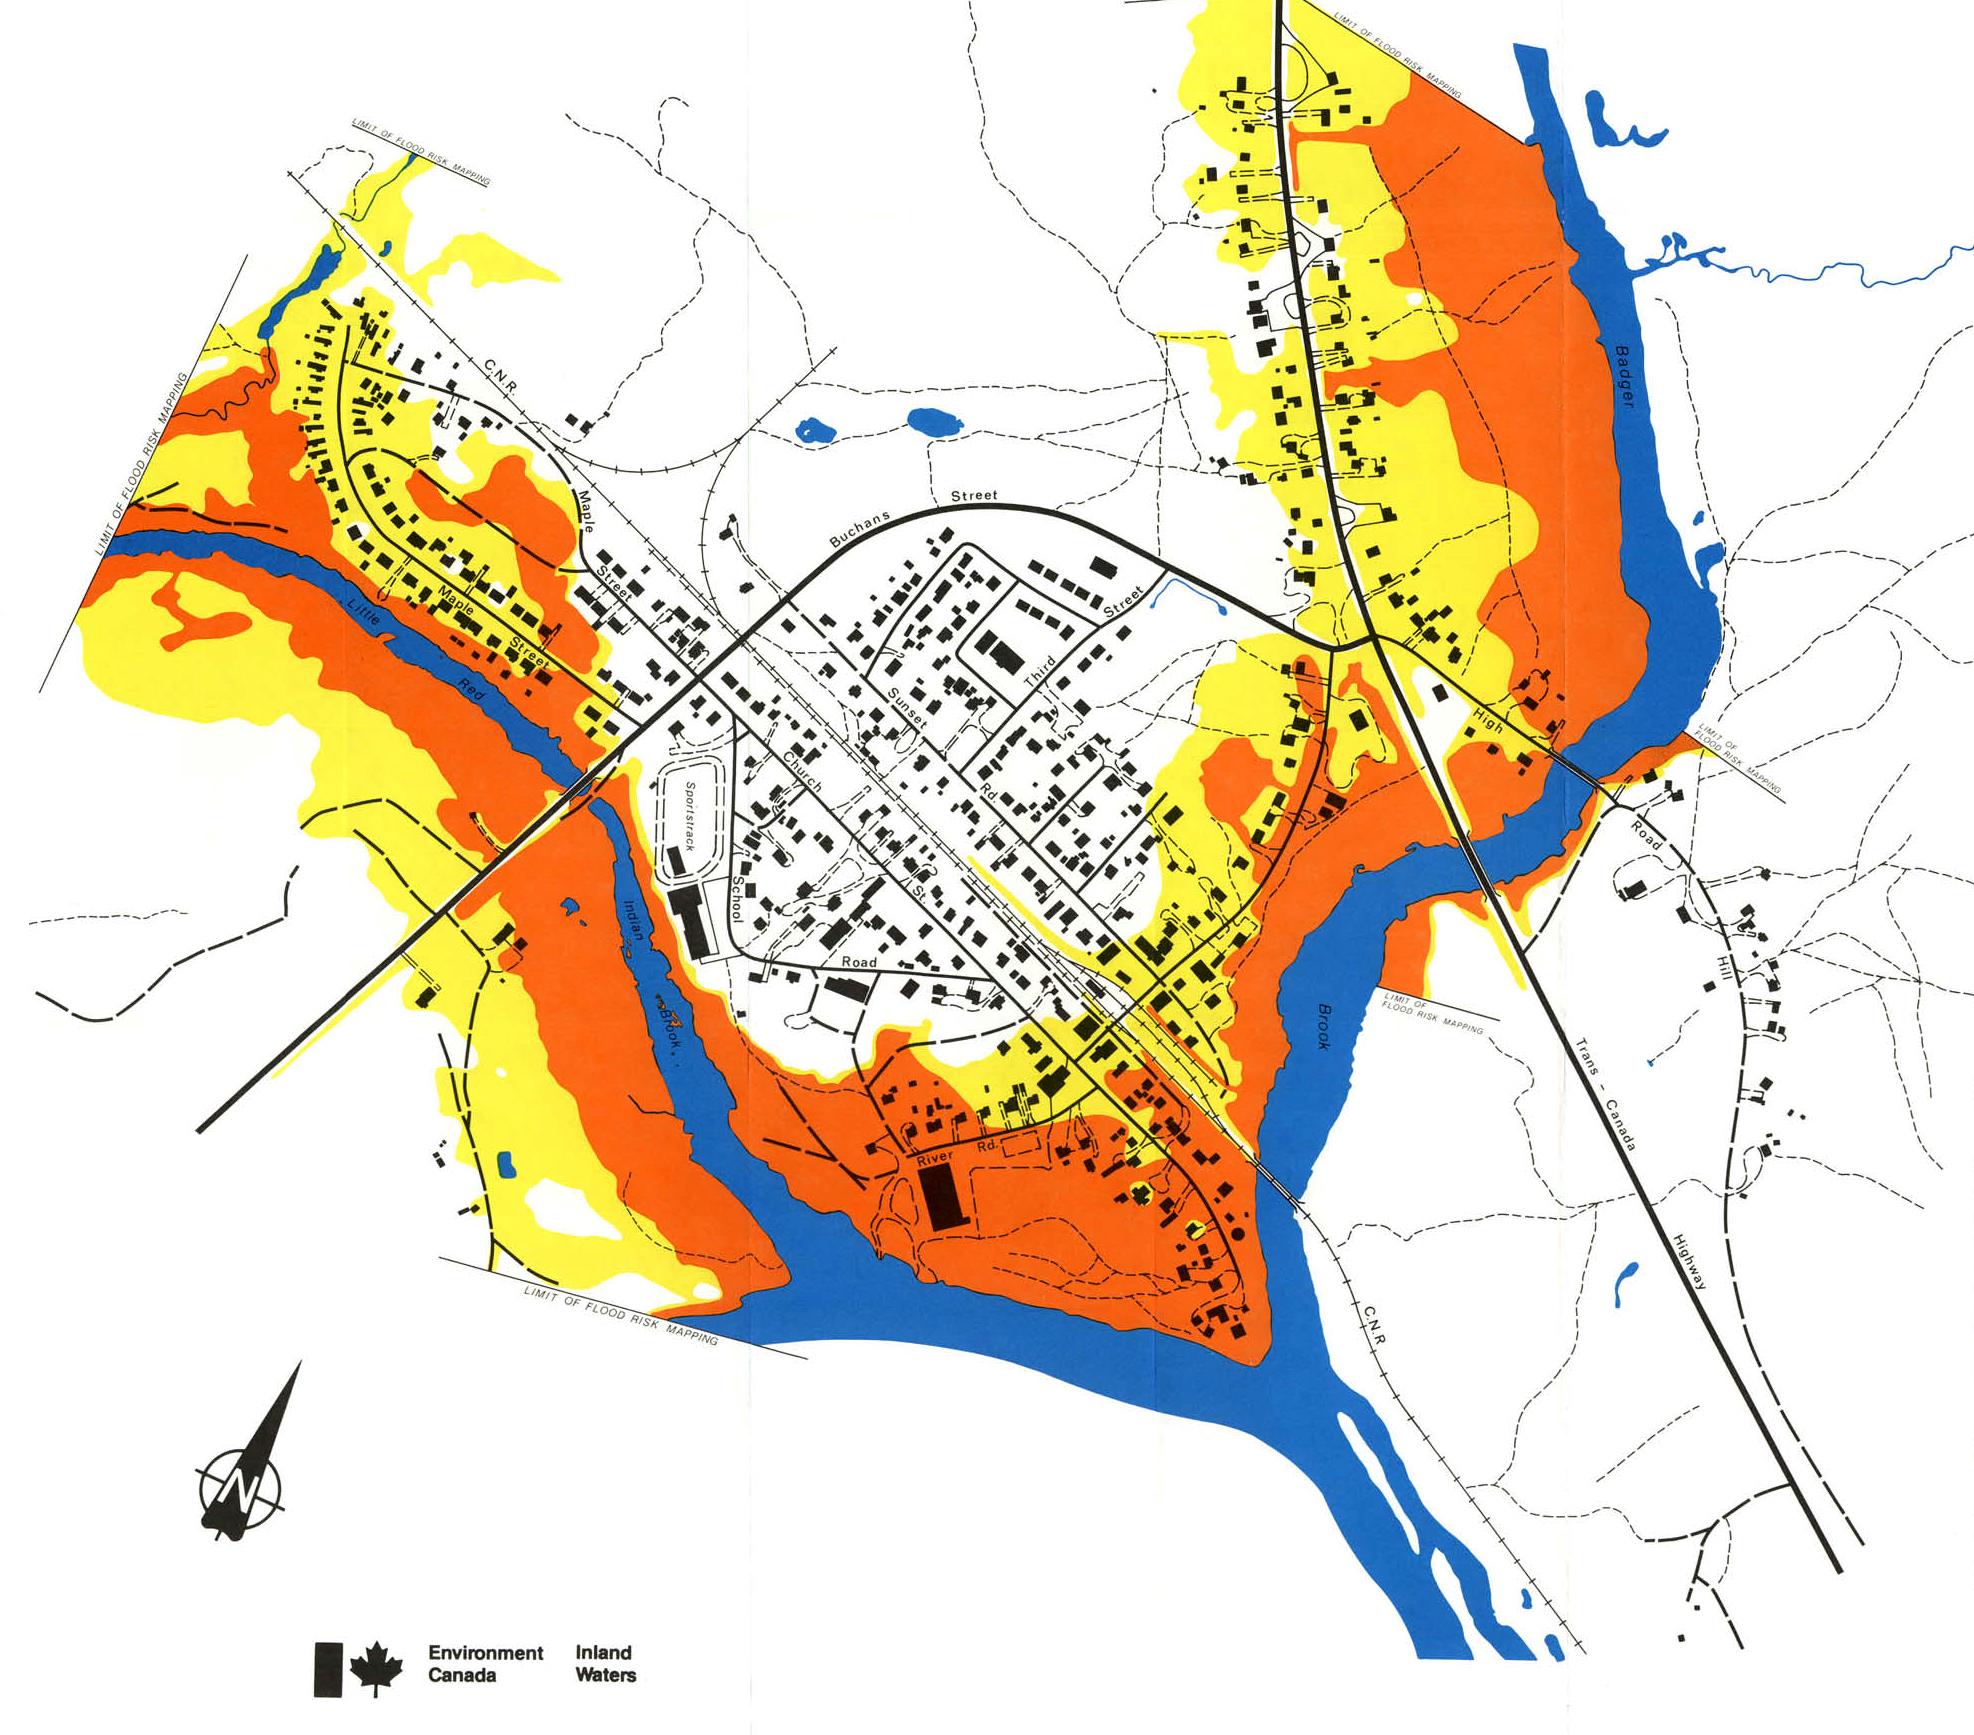 Flood Risk Map Space in Images   2006   05   Flood risk map of Badger Flood Risk Map